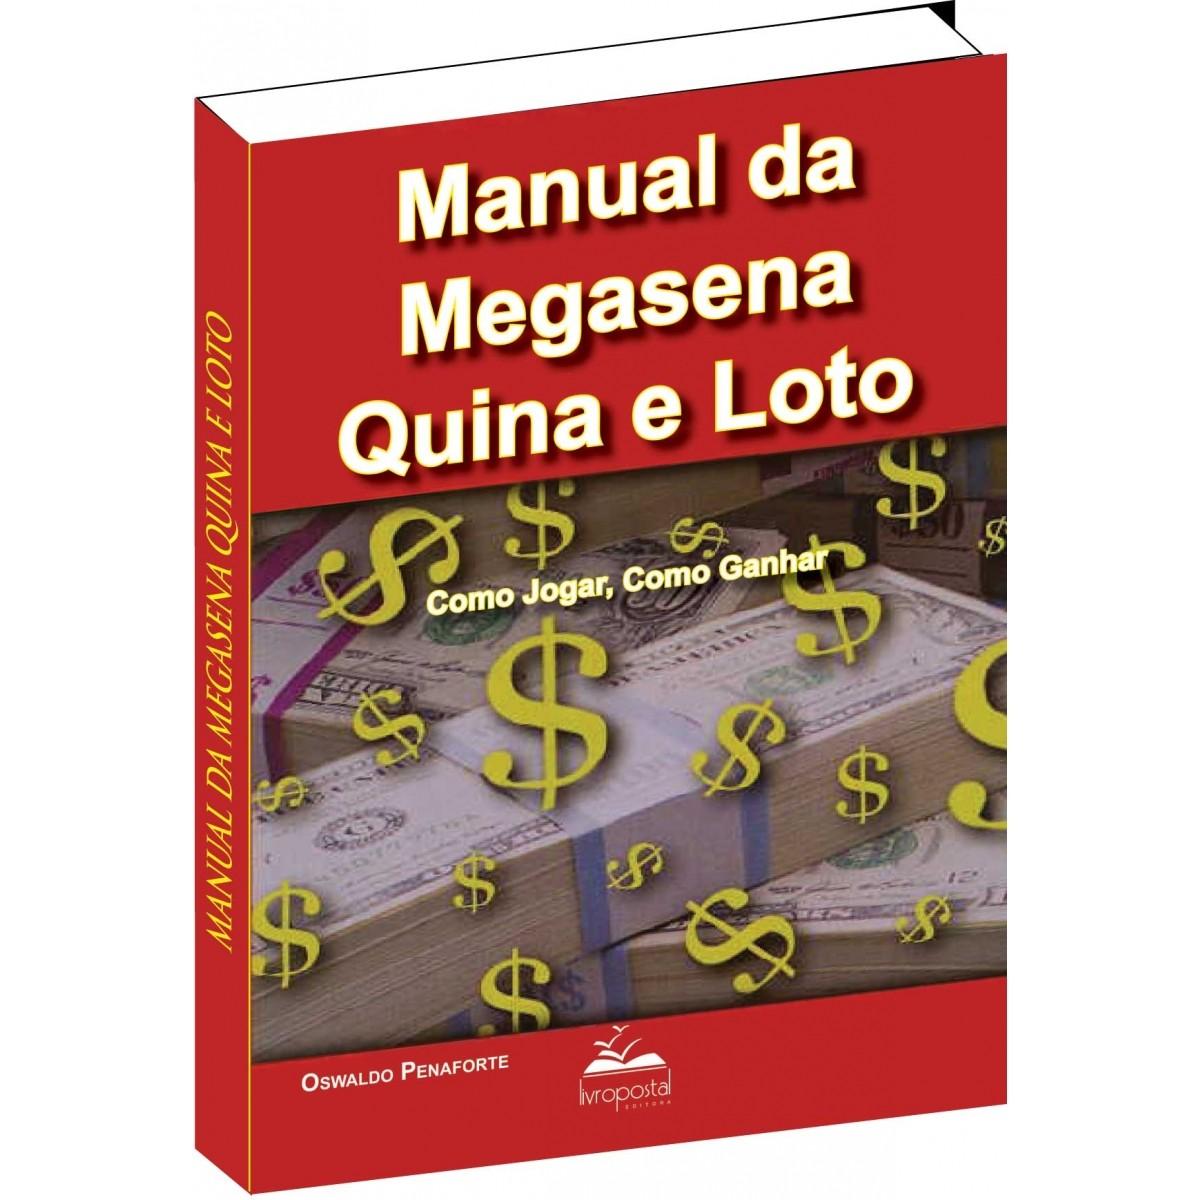 Ebook do  Livro da Megasena, Quina e Loto, como jogar, como ganhar  - Livropostal Editora